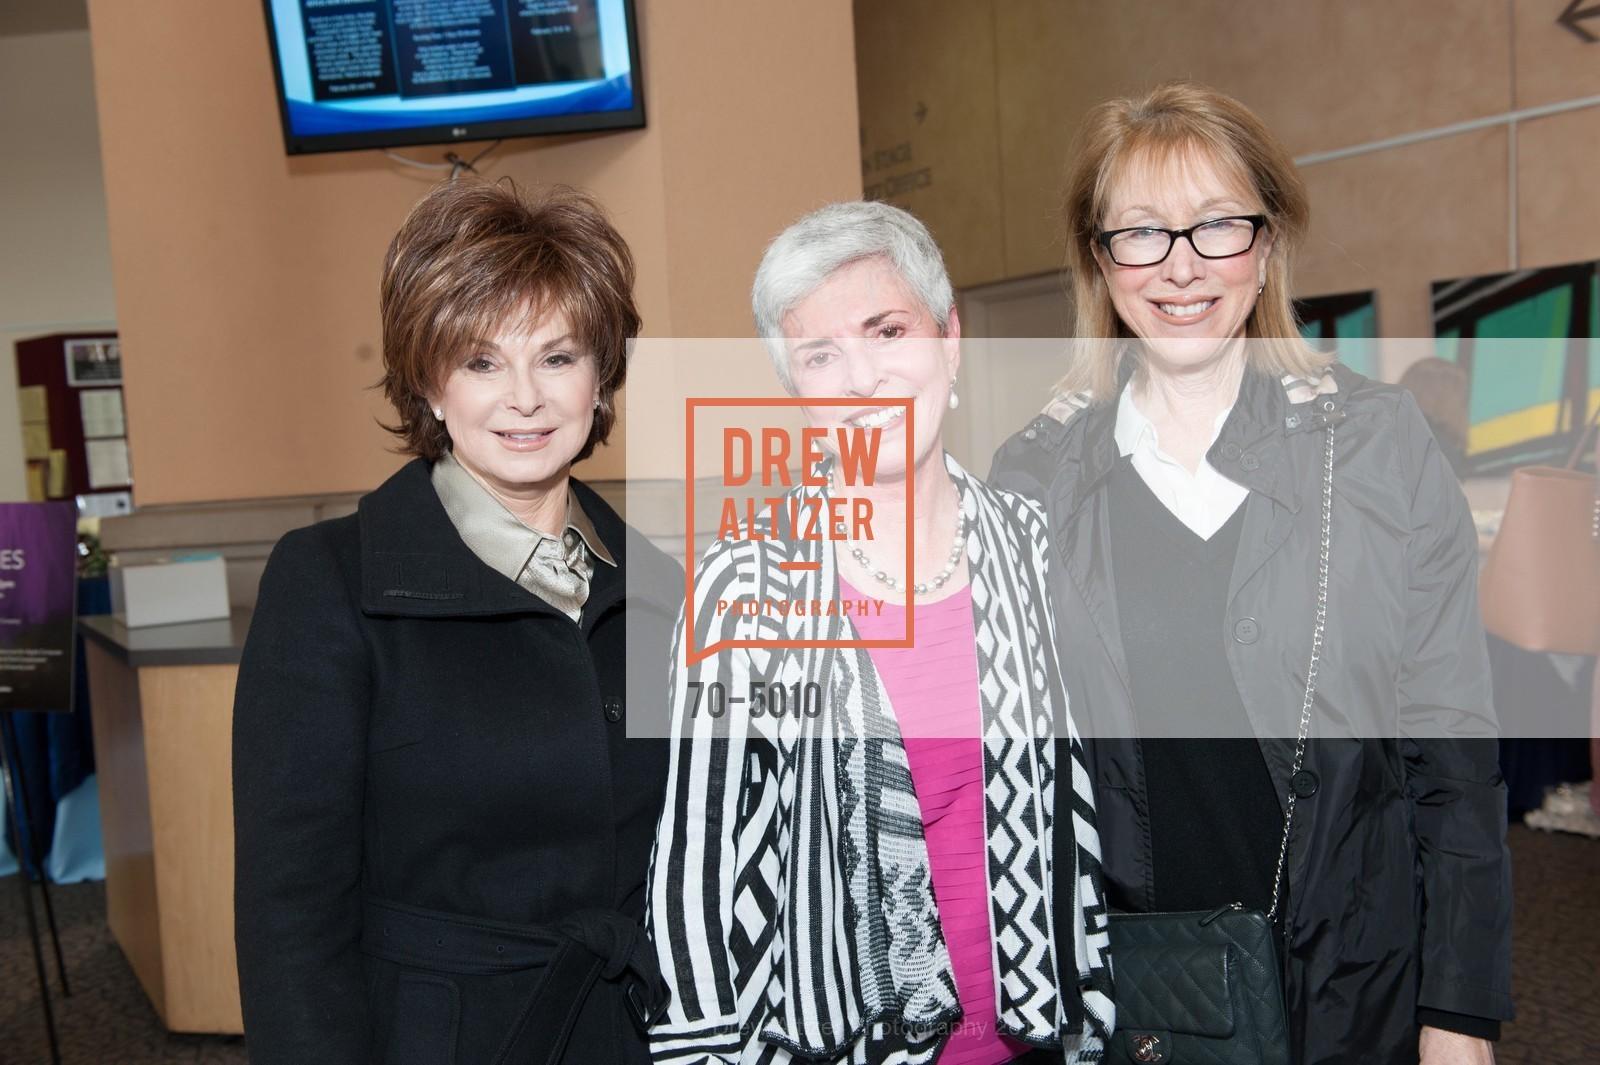 Deborah Kane, Anne Hambly, Susan Klar, Photo #70-5010